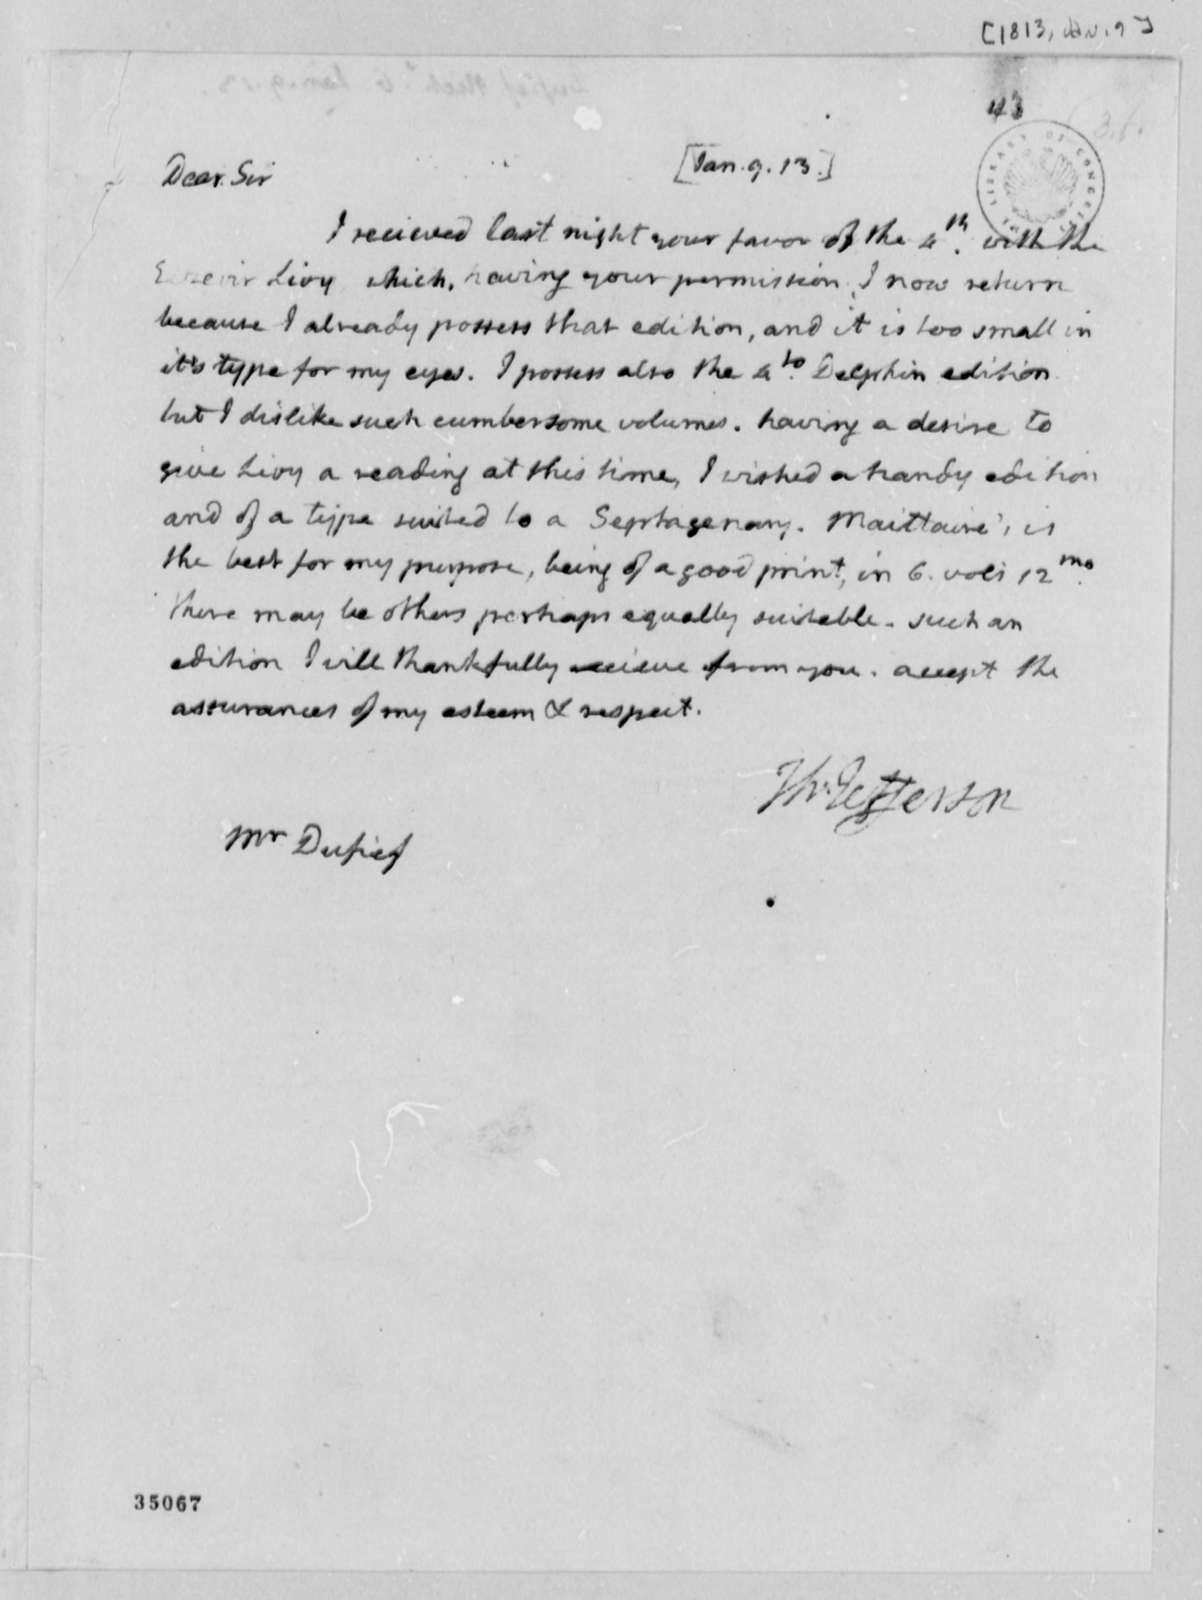 Thomas Jefferson to Nicholas Gouin Dufief, January 9, 1813